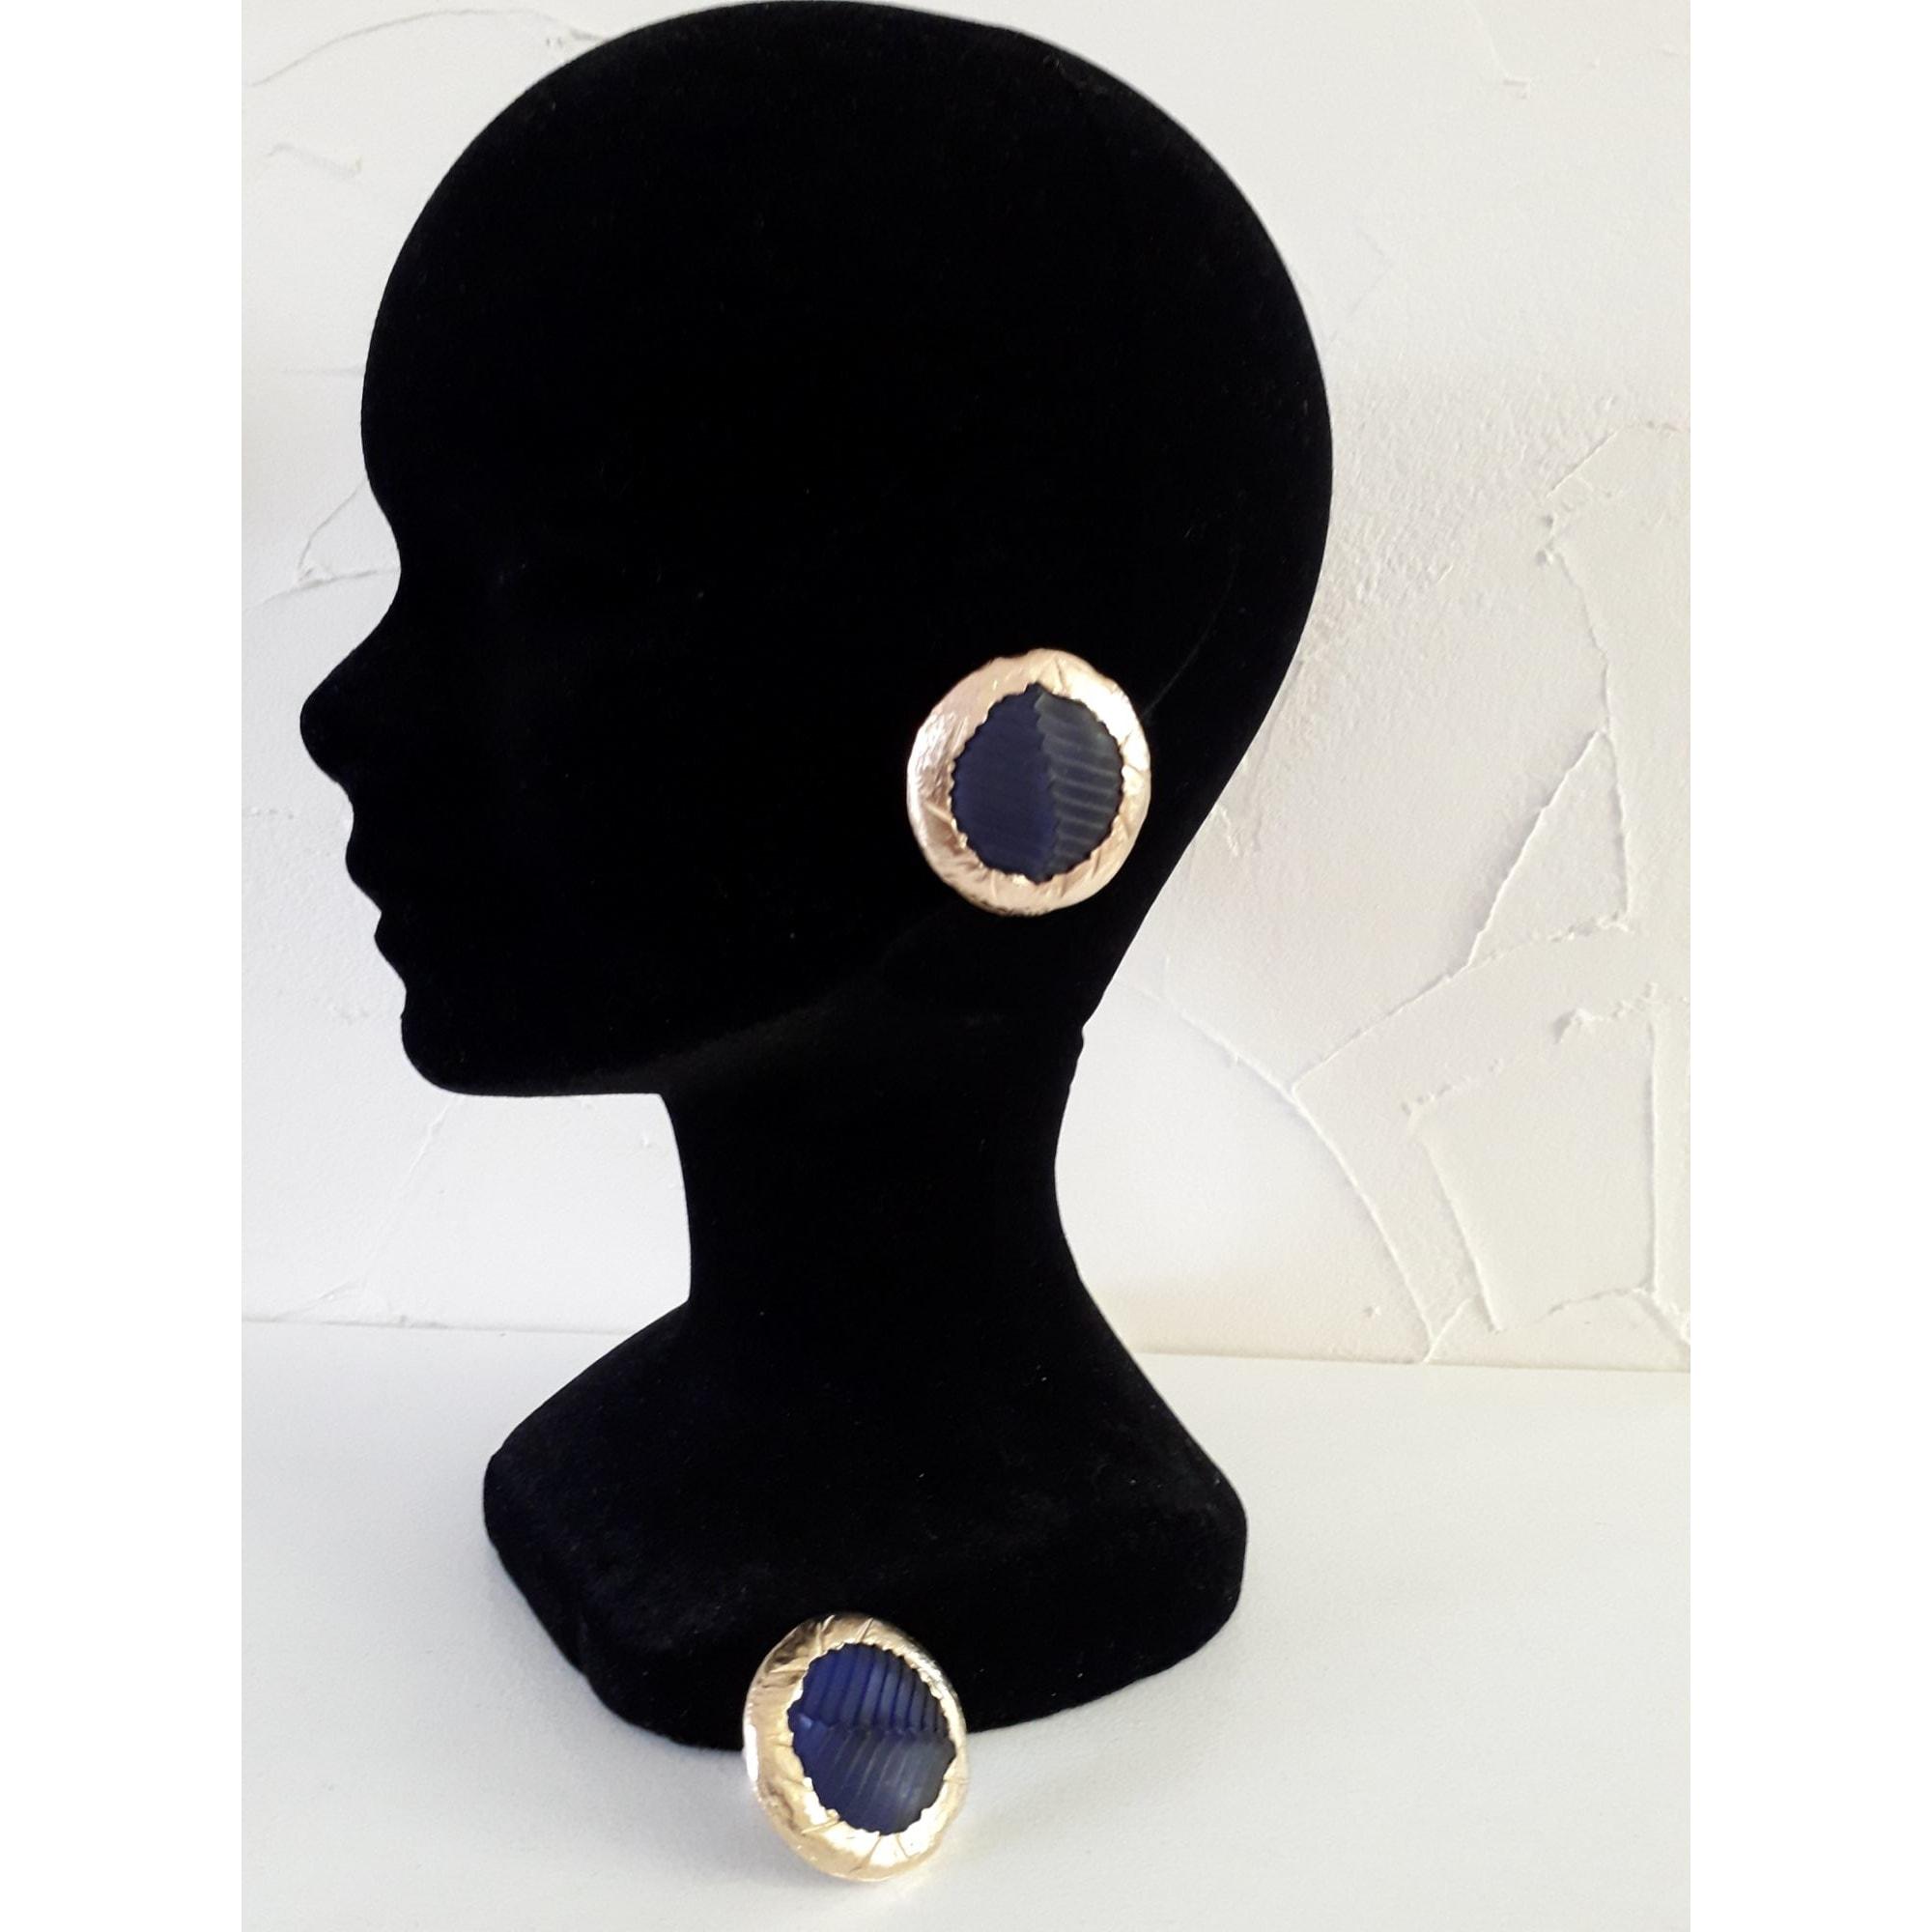 Boucles d'oreille CLAUDE MONTANA métal doré et  pierre /resine bleu autre